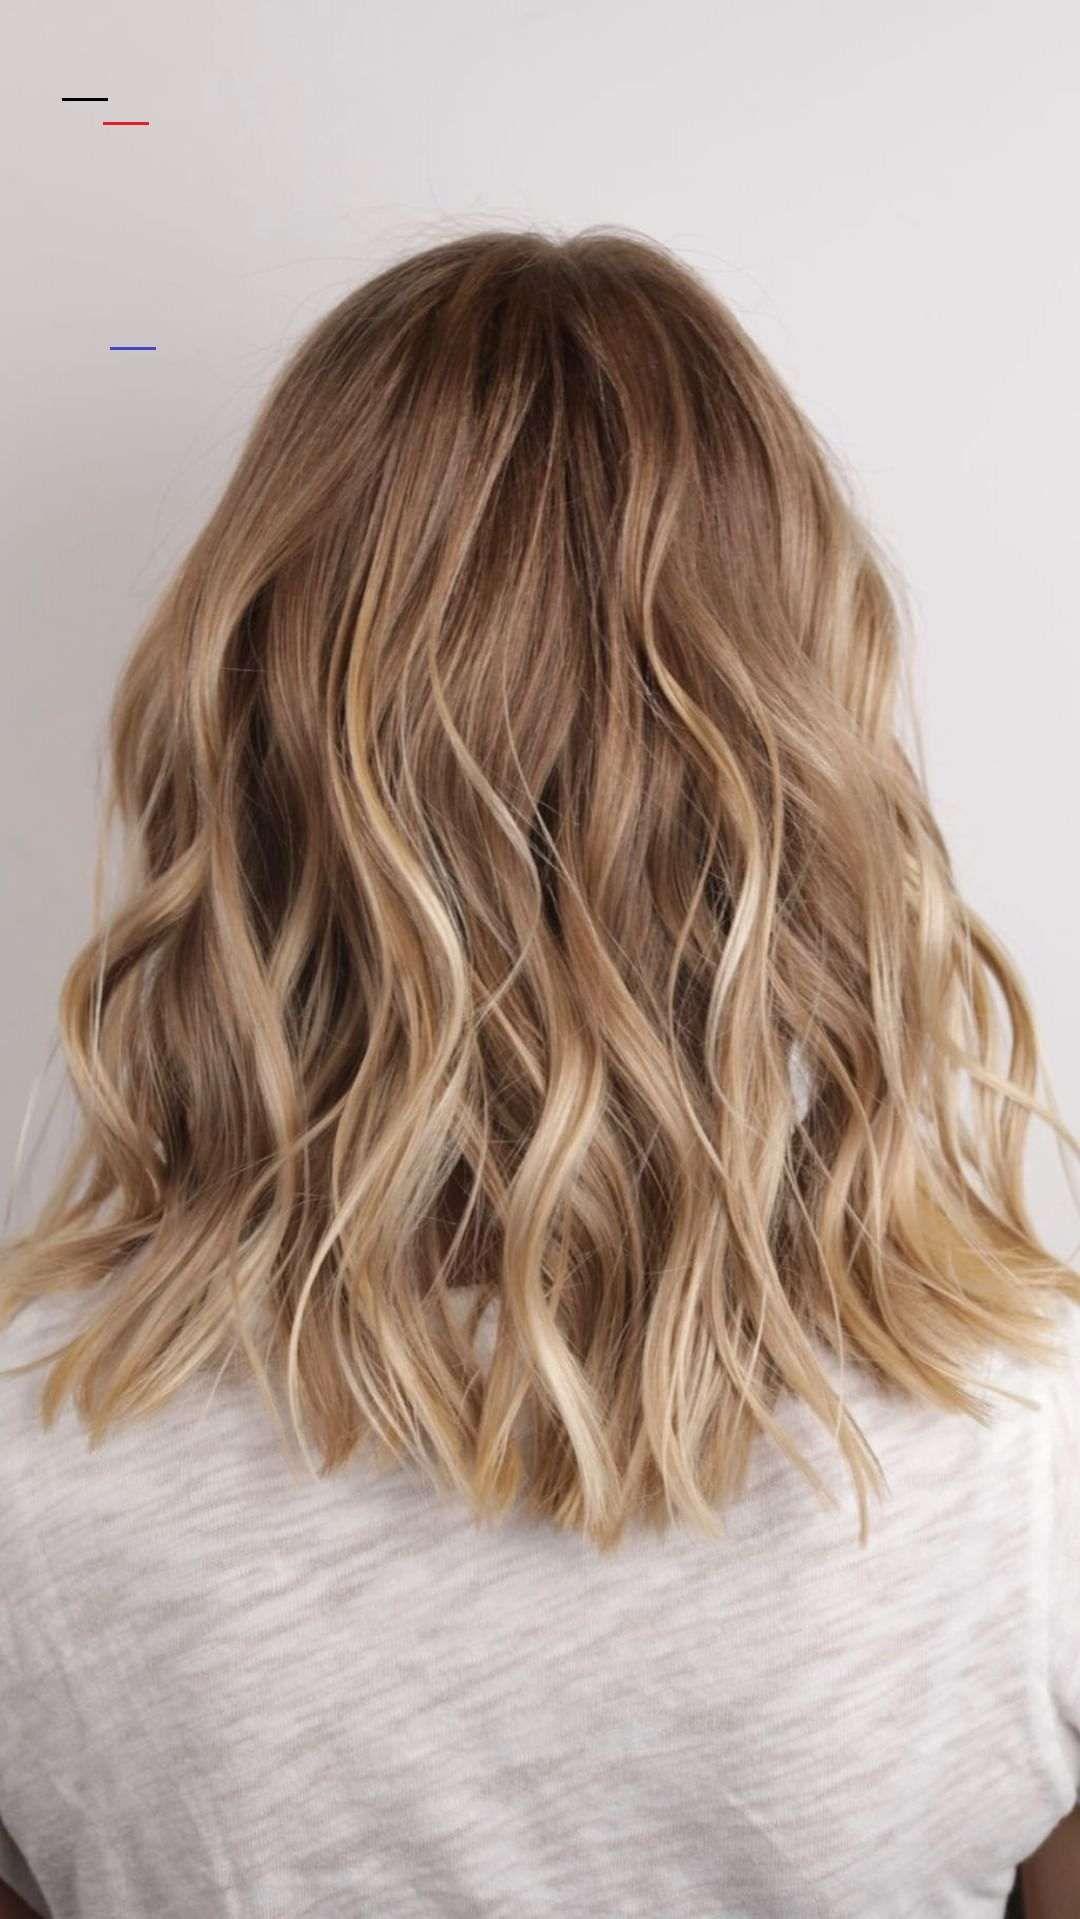 Shortupdohairstyles In 2020 Haarfarbe Blond Frisur